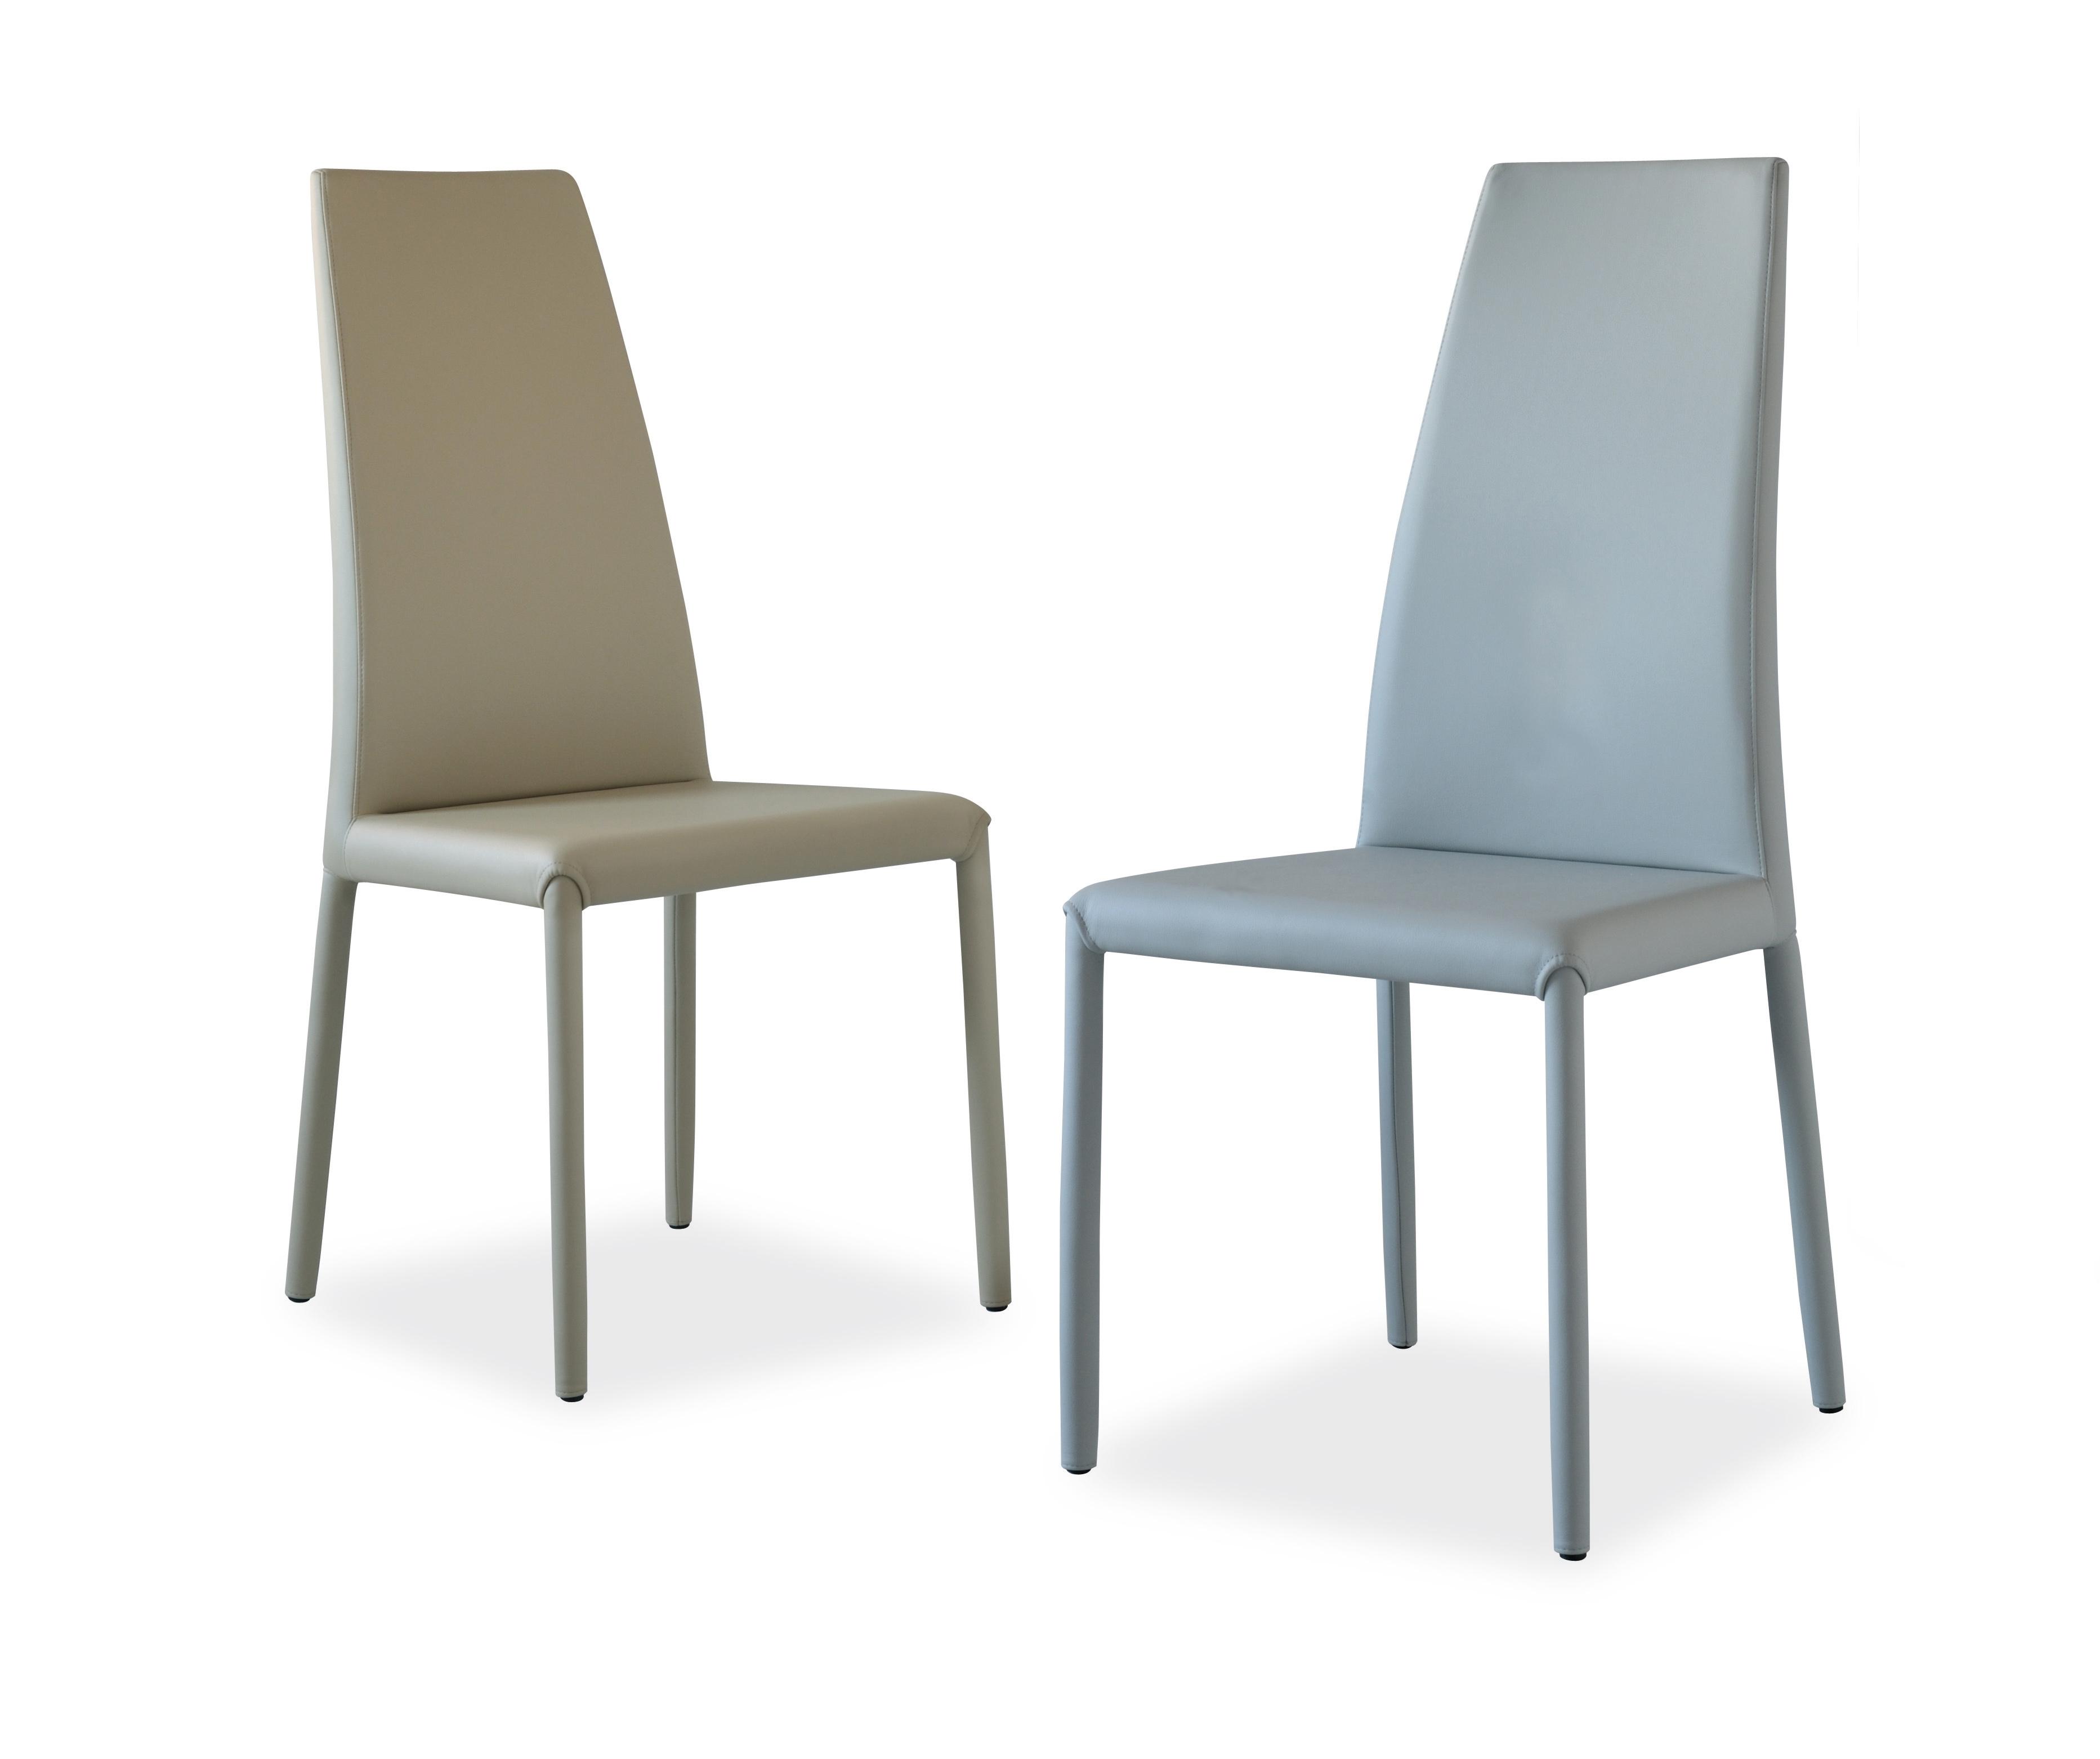 sedia di design modello emi i scontata del 30 sedie a